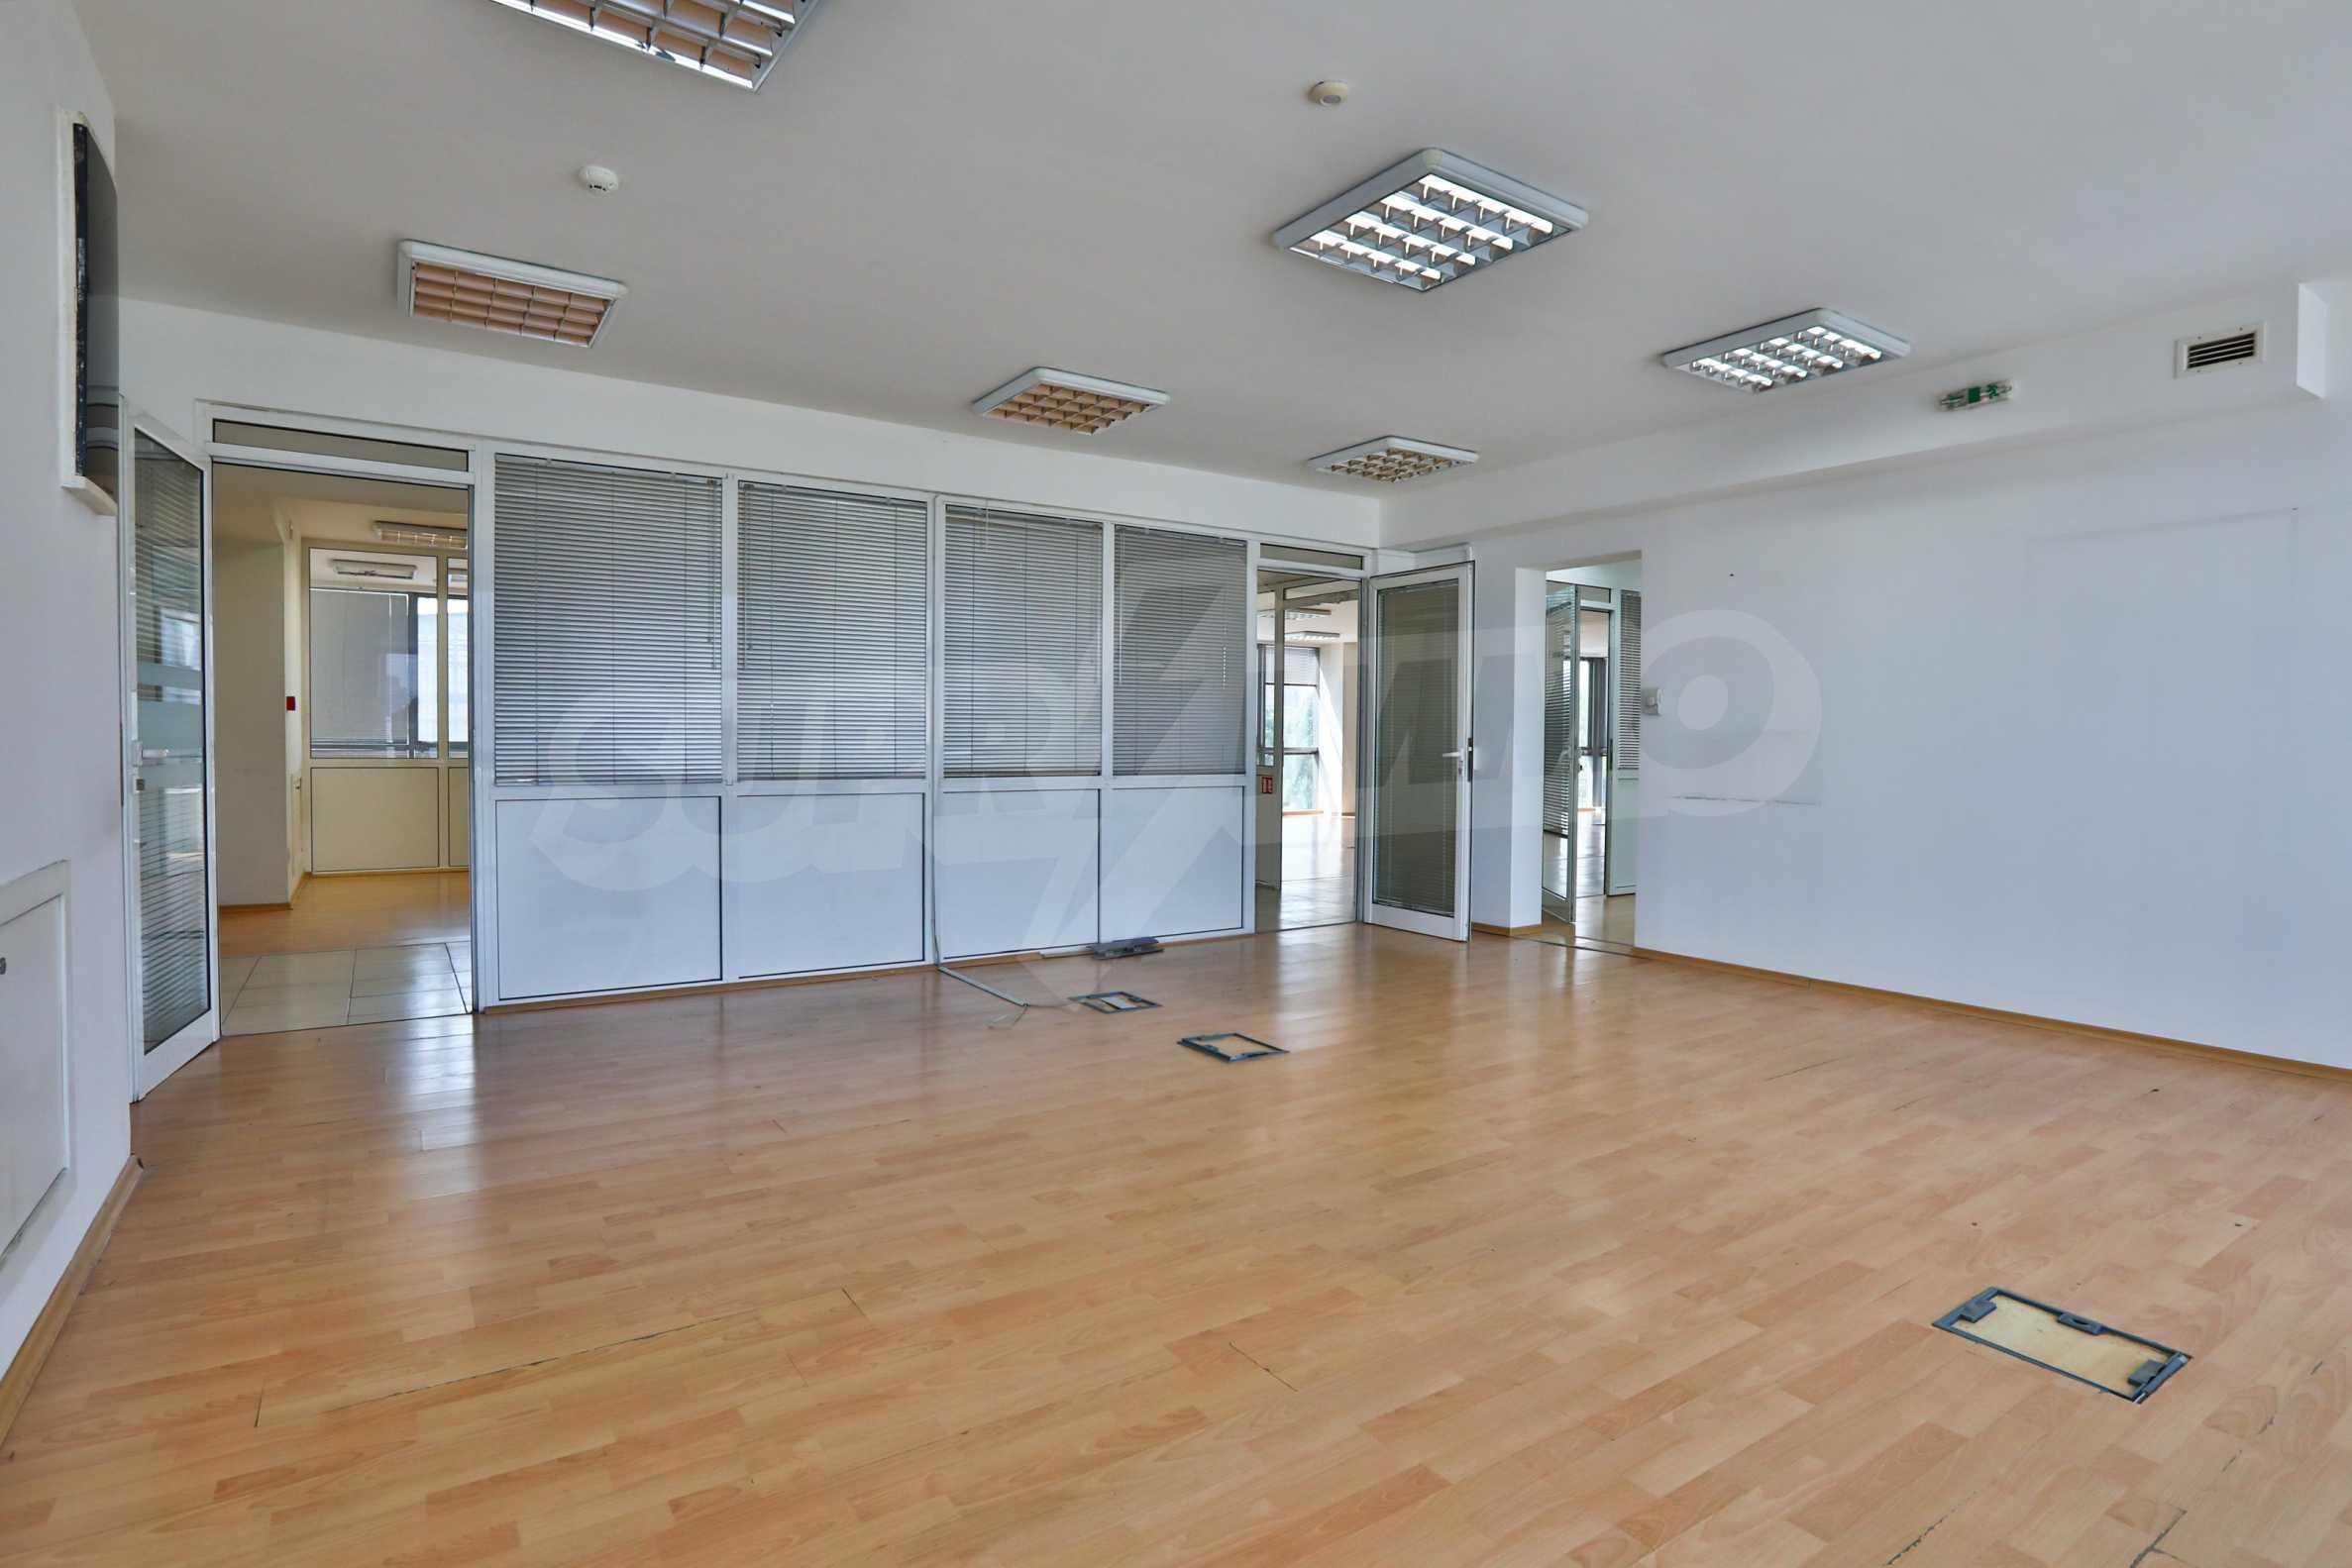 Площи тип open space в офис зоната на бул. Цариградско шосе 21